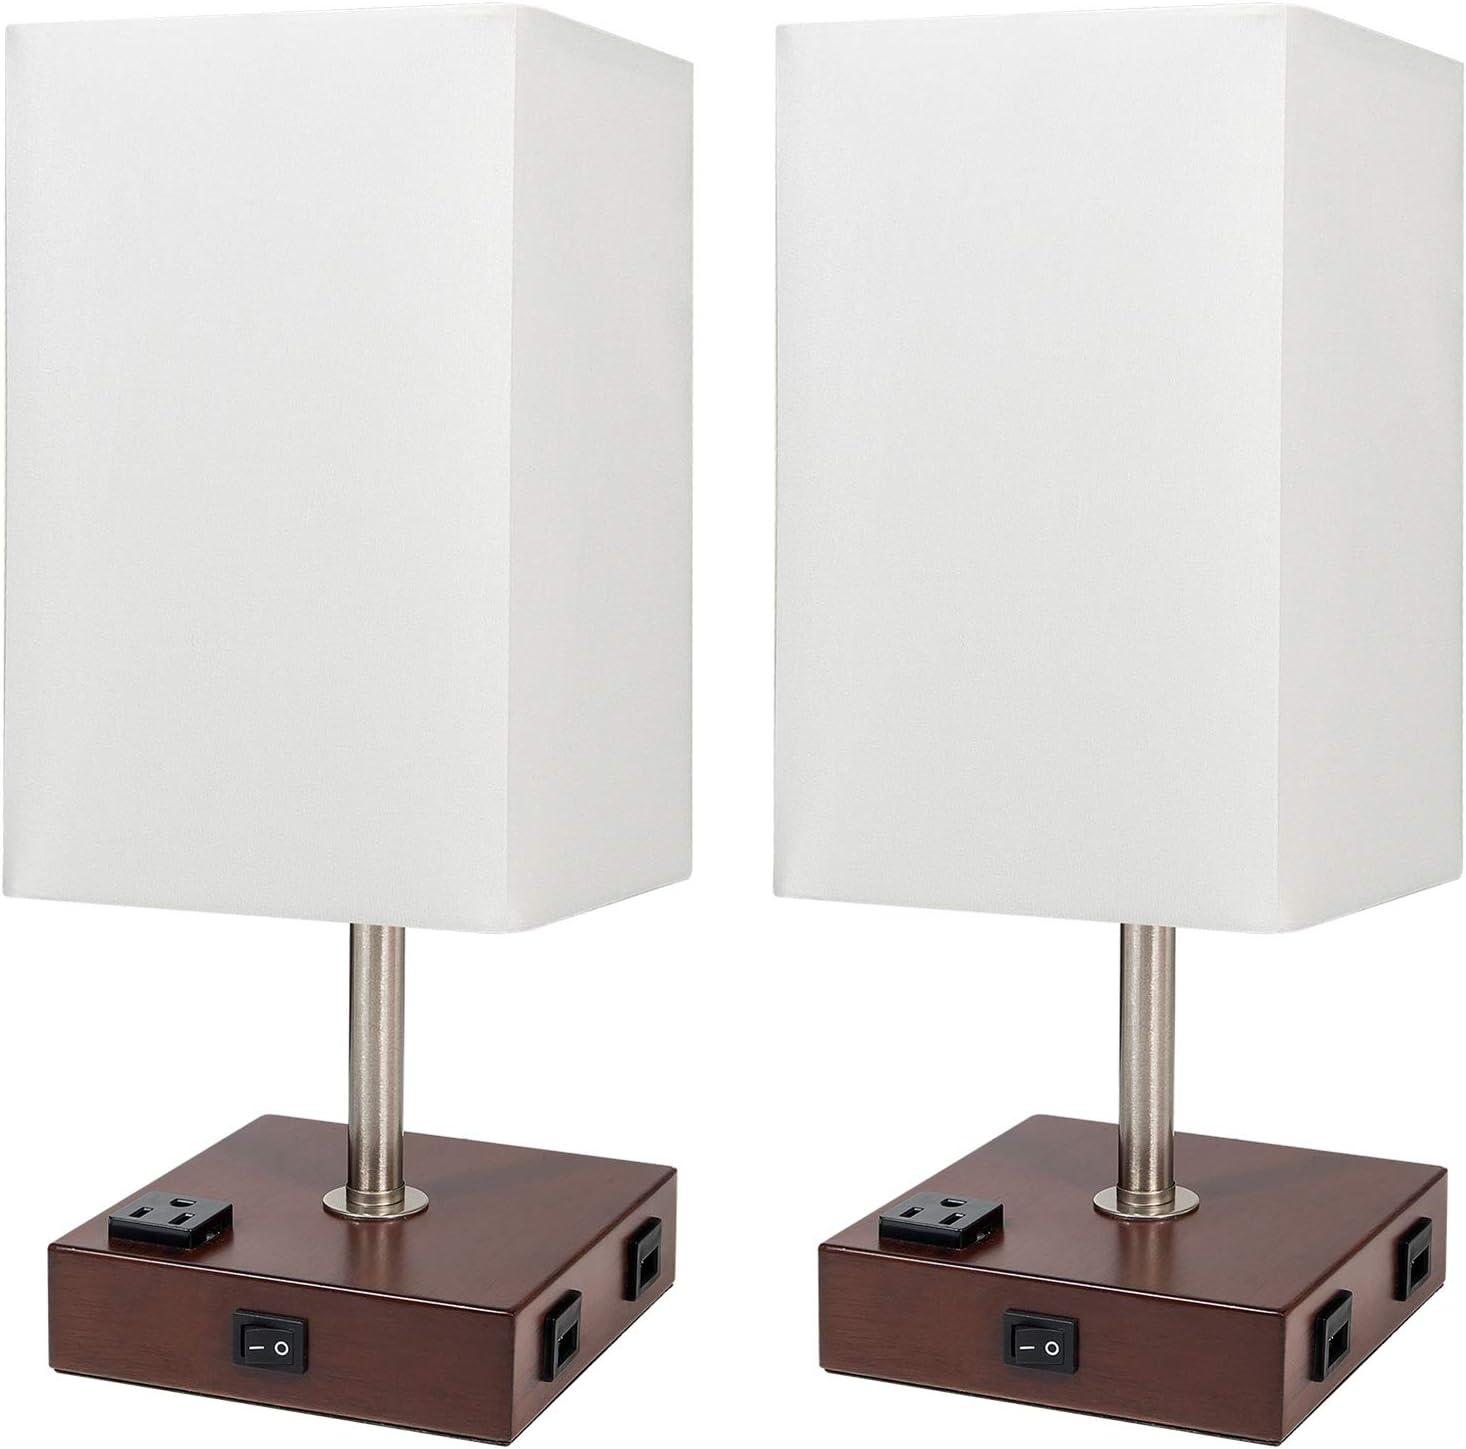 DEEPLITE Set of 2 Outlet SALE Table Very popular Lamp - Bedside USB Charging Por